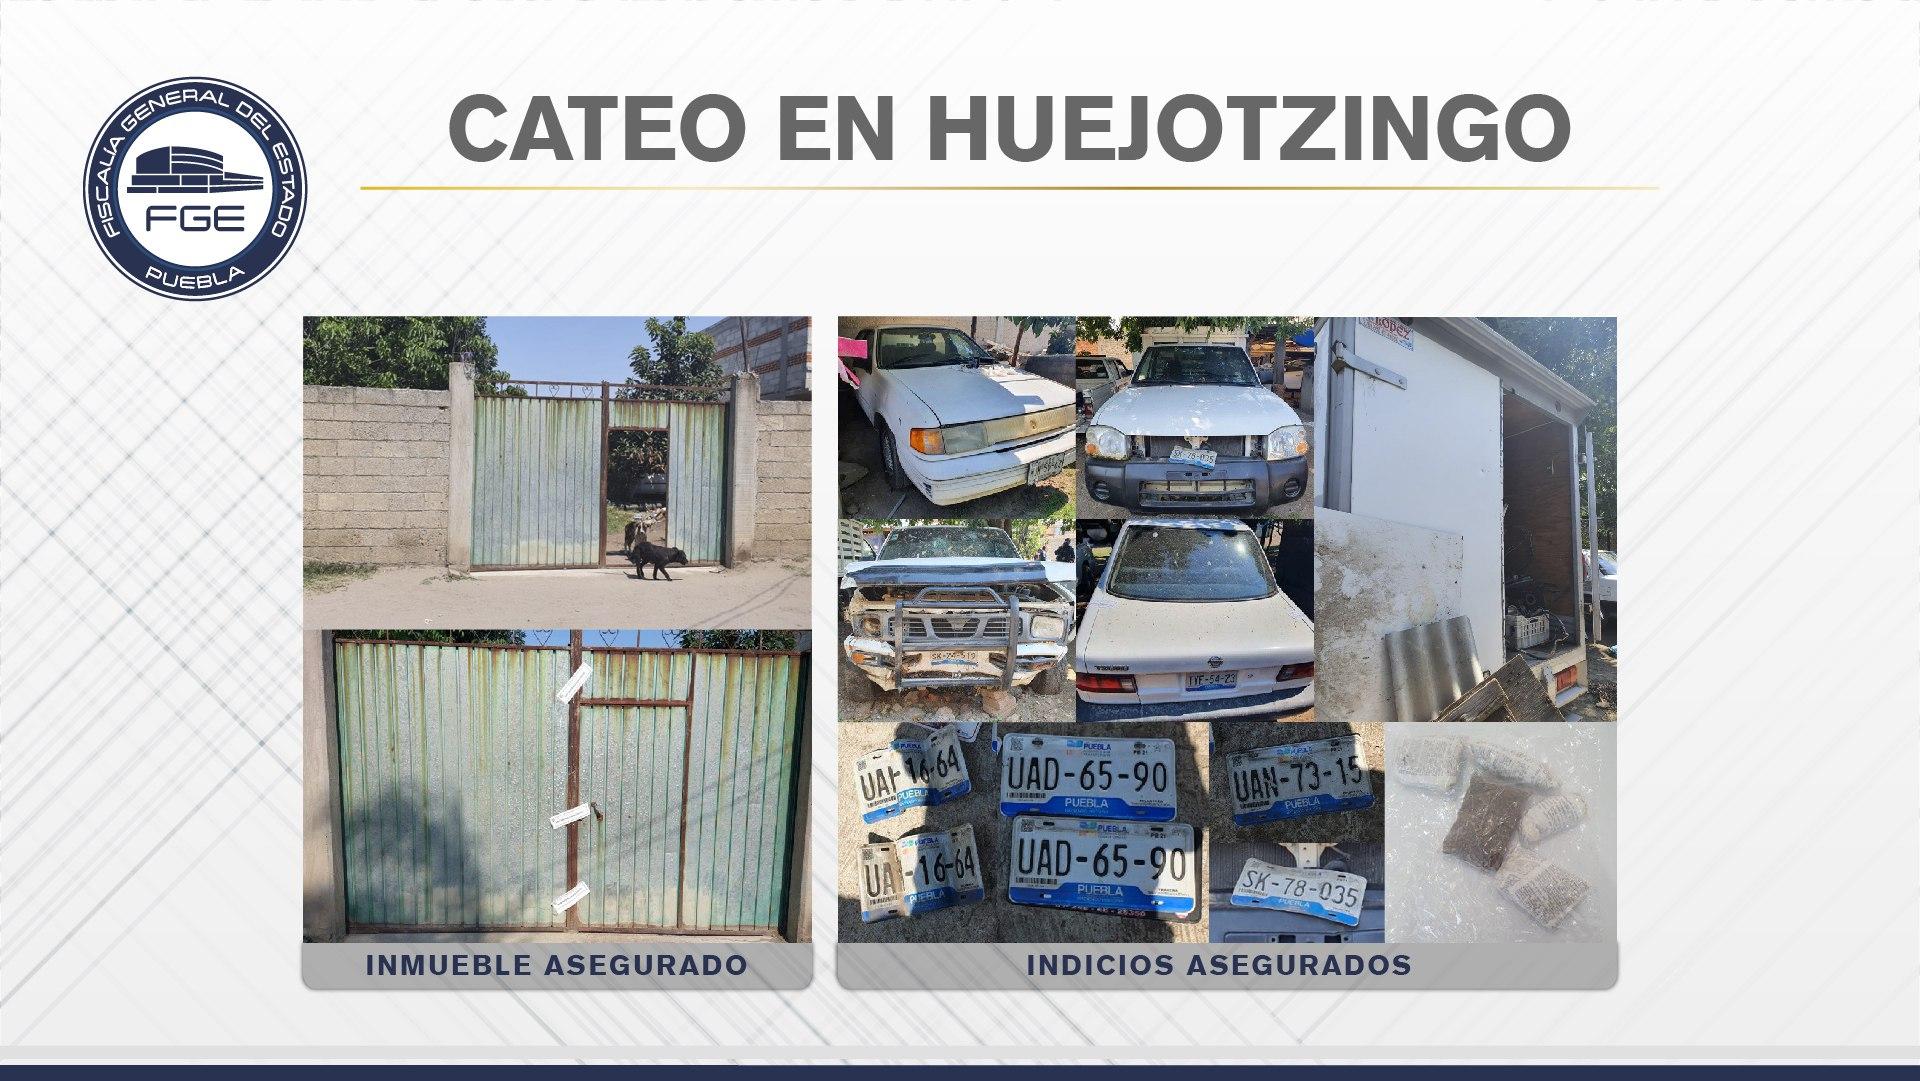 Fiscalía Puebla halló en Xalmimilulco unidades y placas robadas